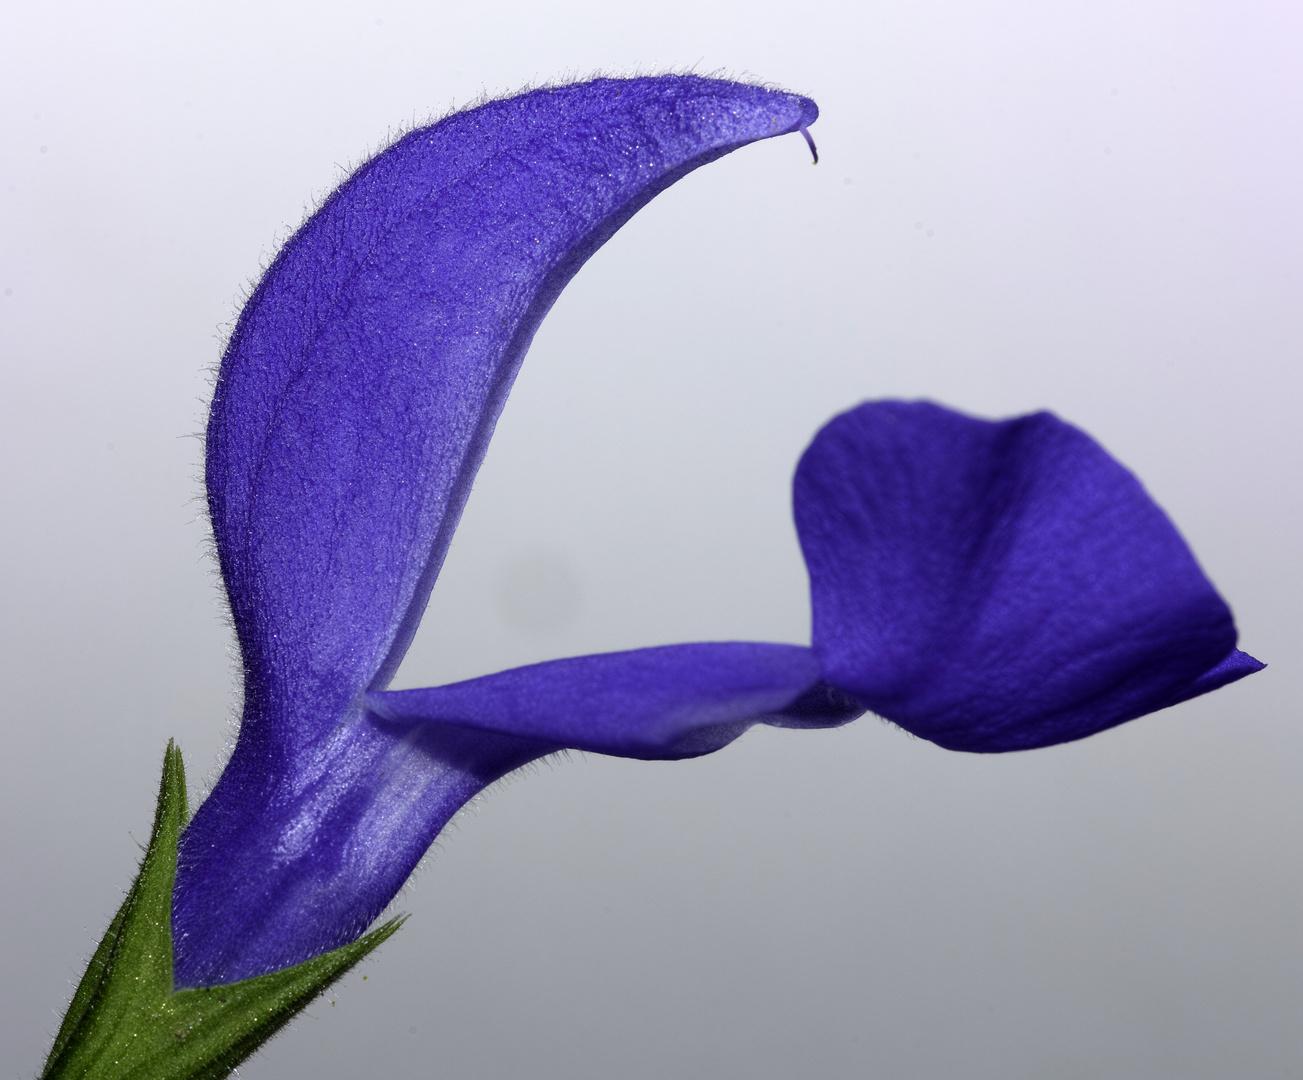 Gartensalbei